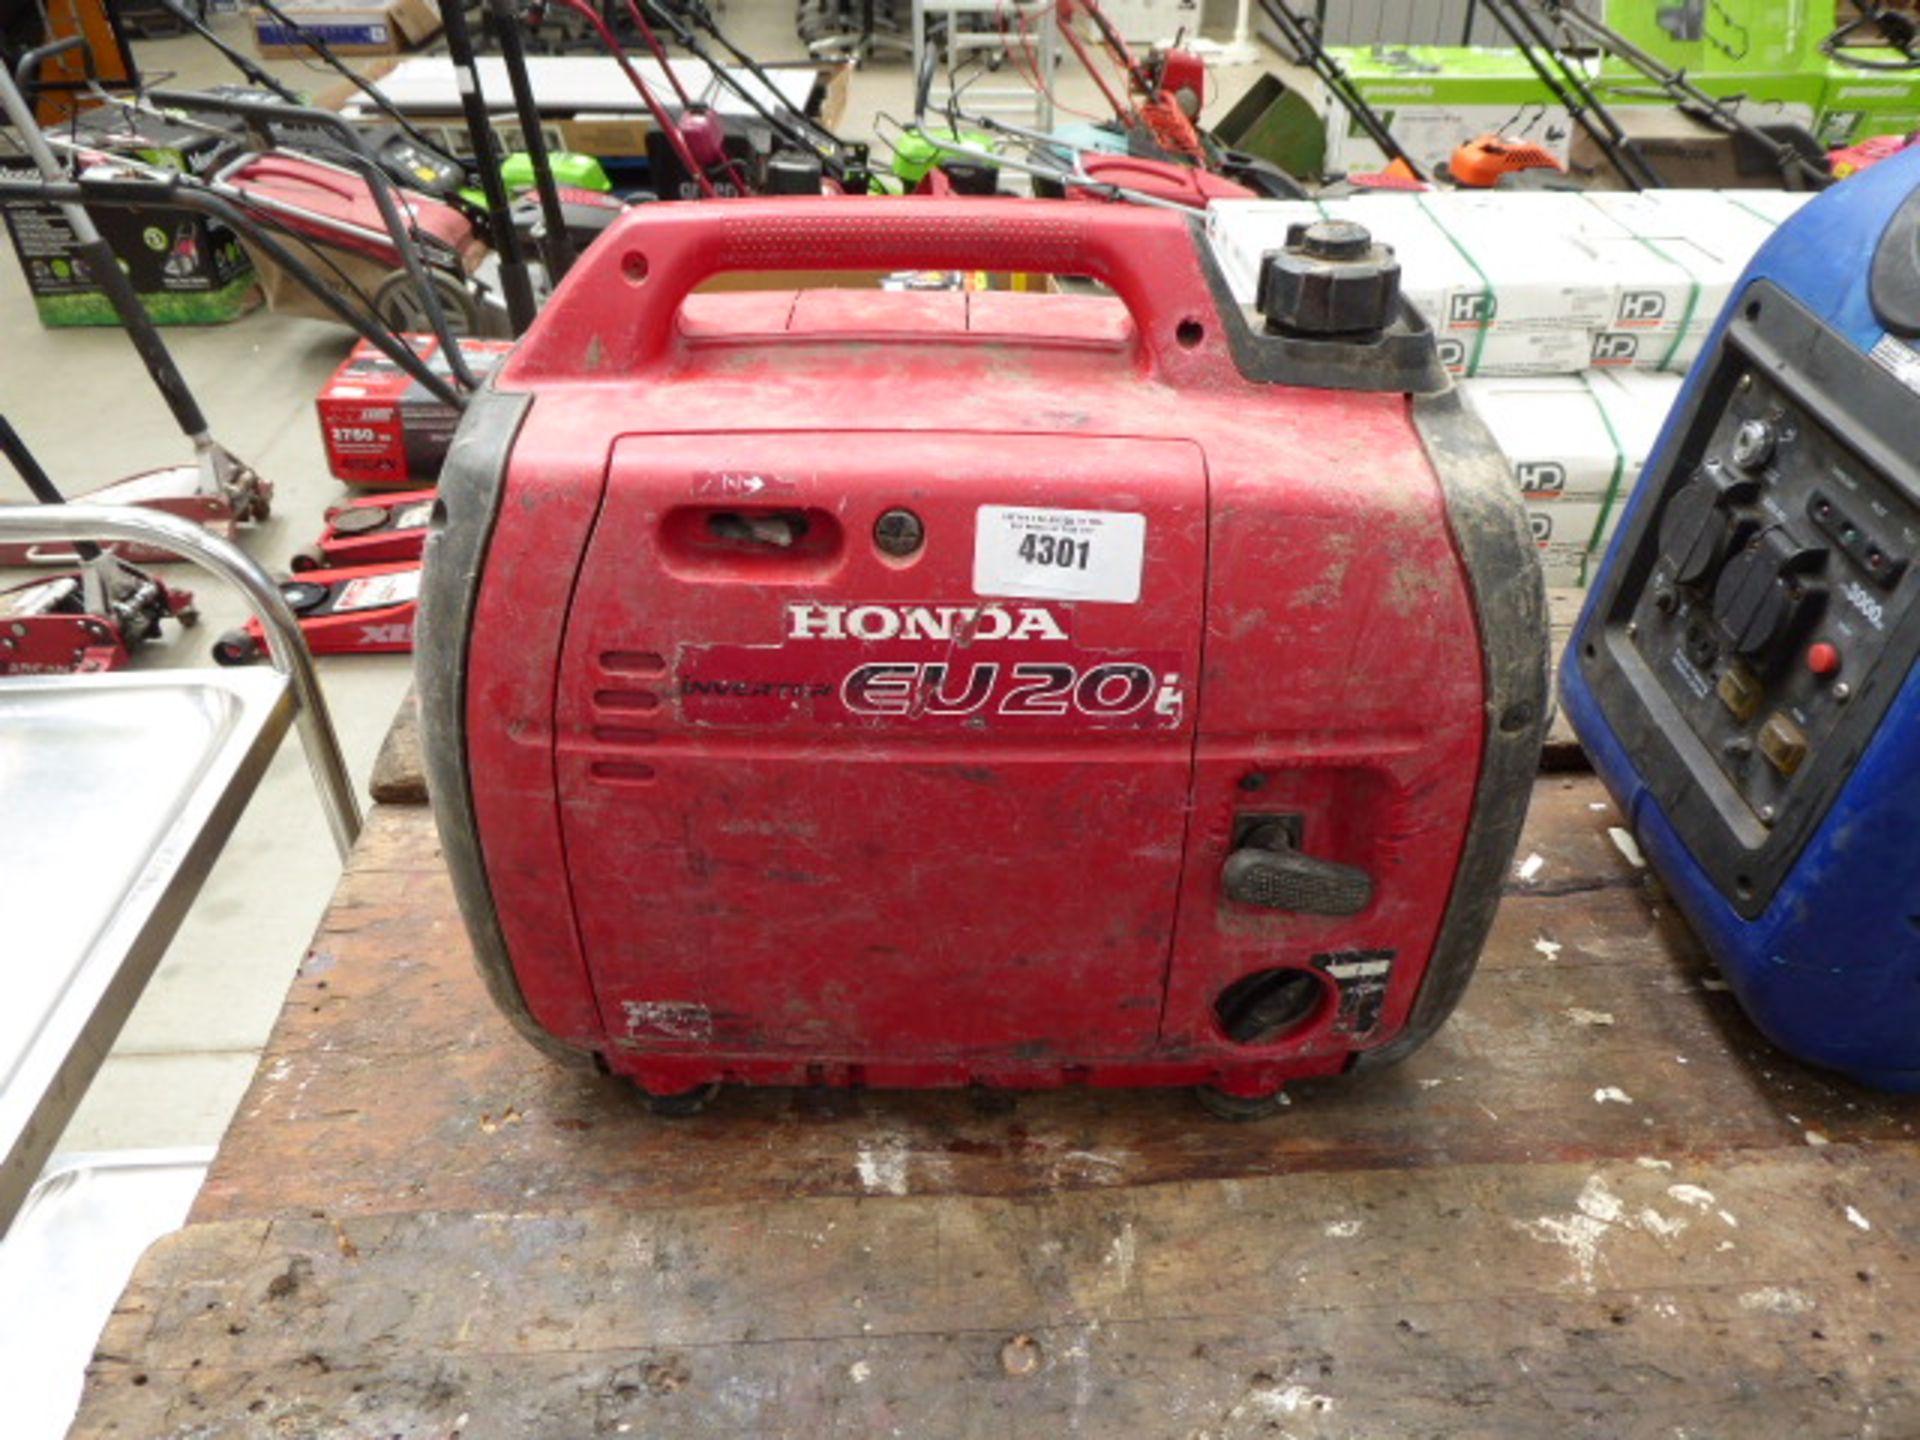 Lot 4301 - Honda EU20i petrol powered generator